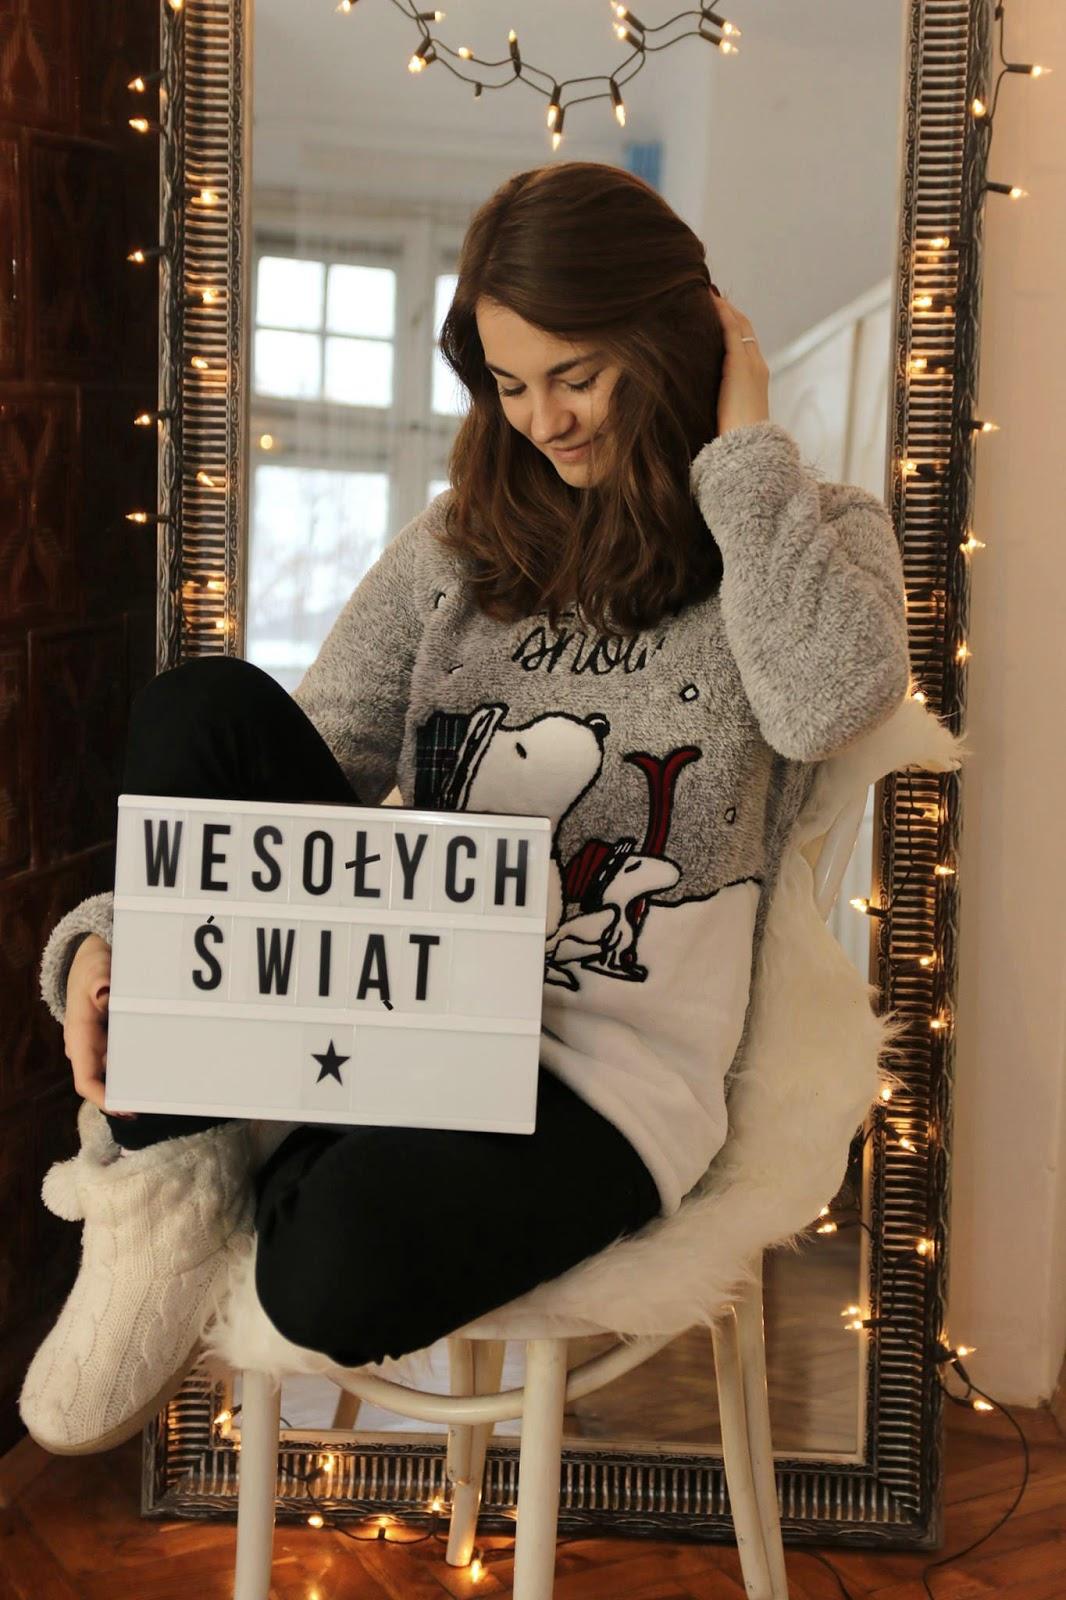 życzenia świąteczne, sesja świąteczna, zimowa sesja zdjęciowa